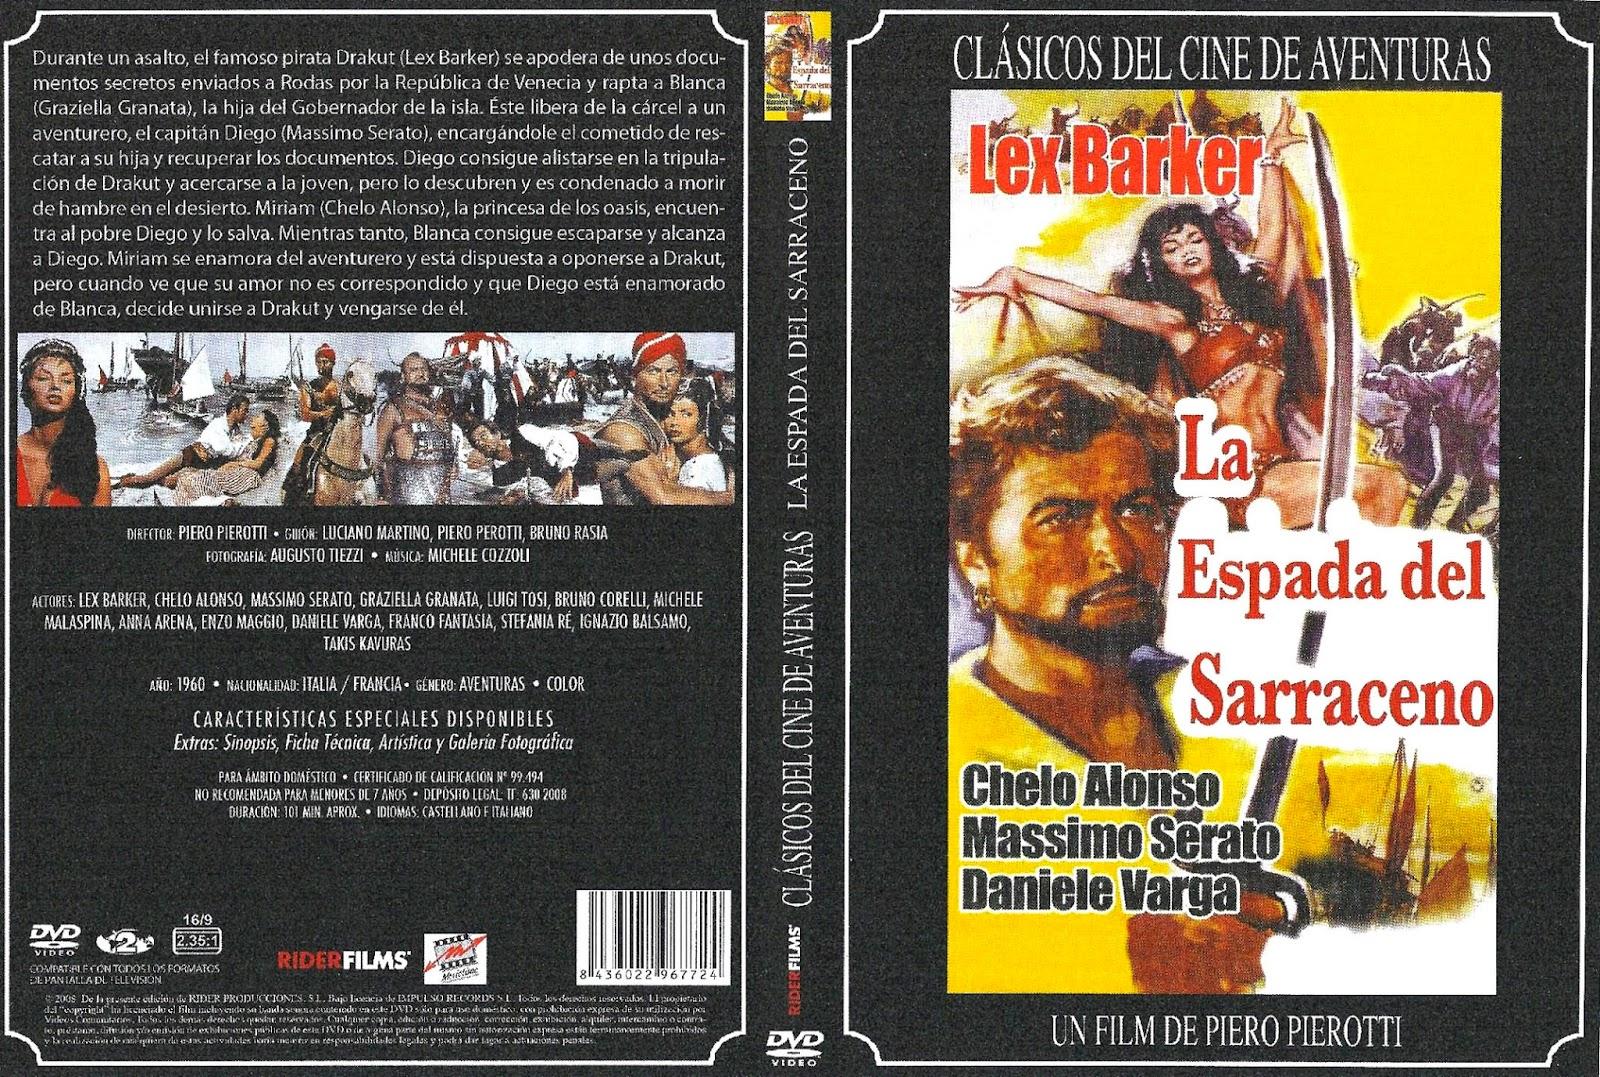 La espada del sarraceno [1959] Caratula